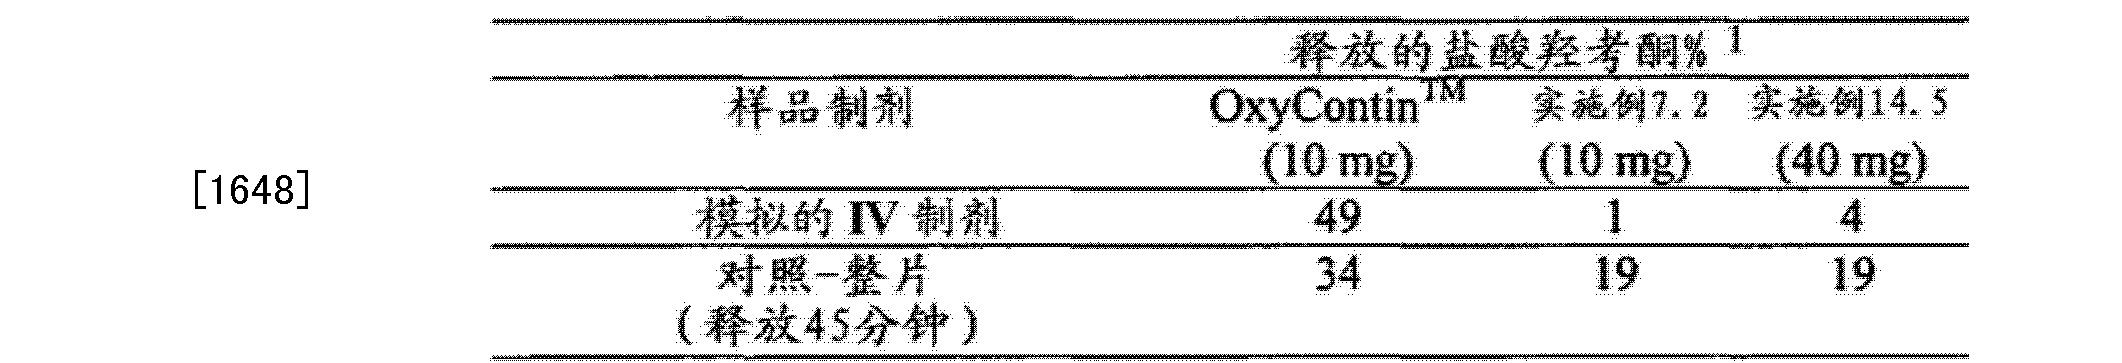 Figure CN102657630BD01542